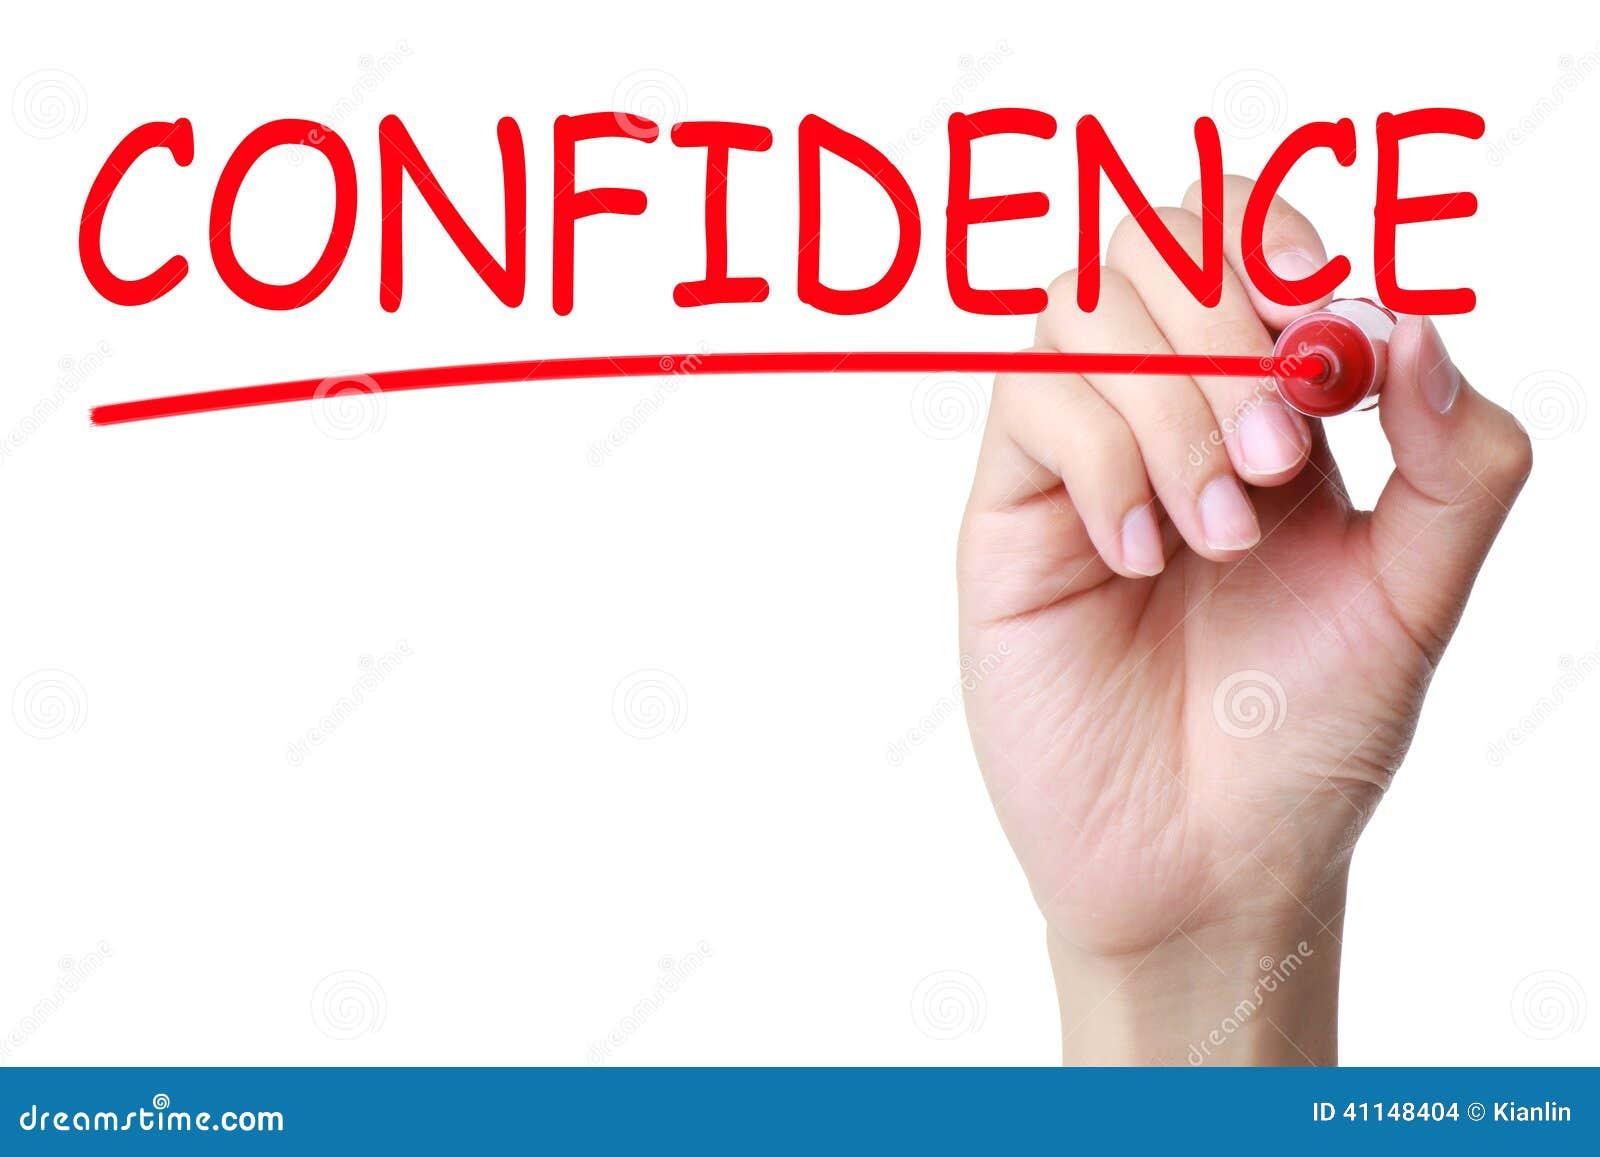 Confidence Headline